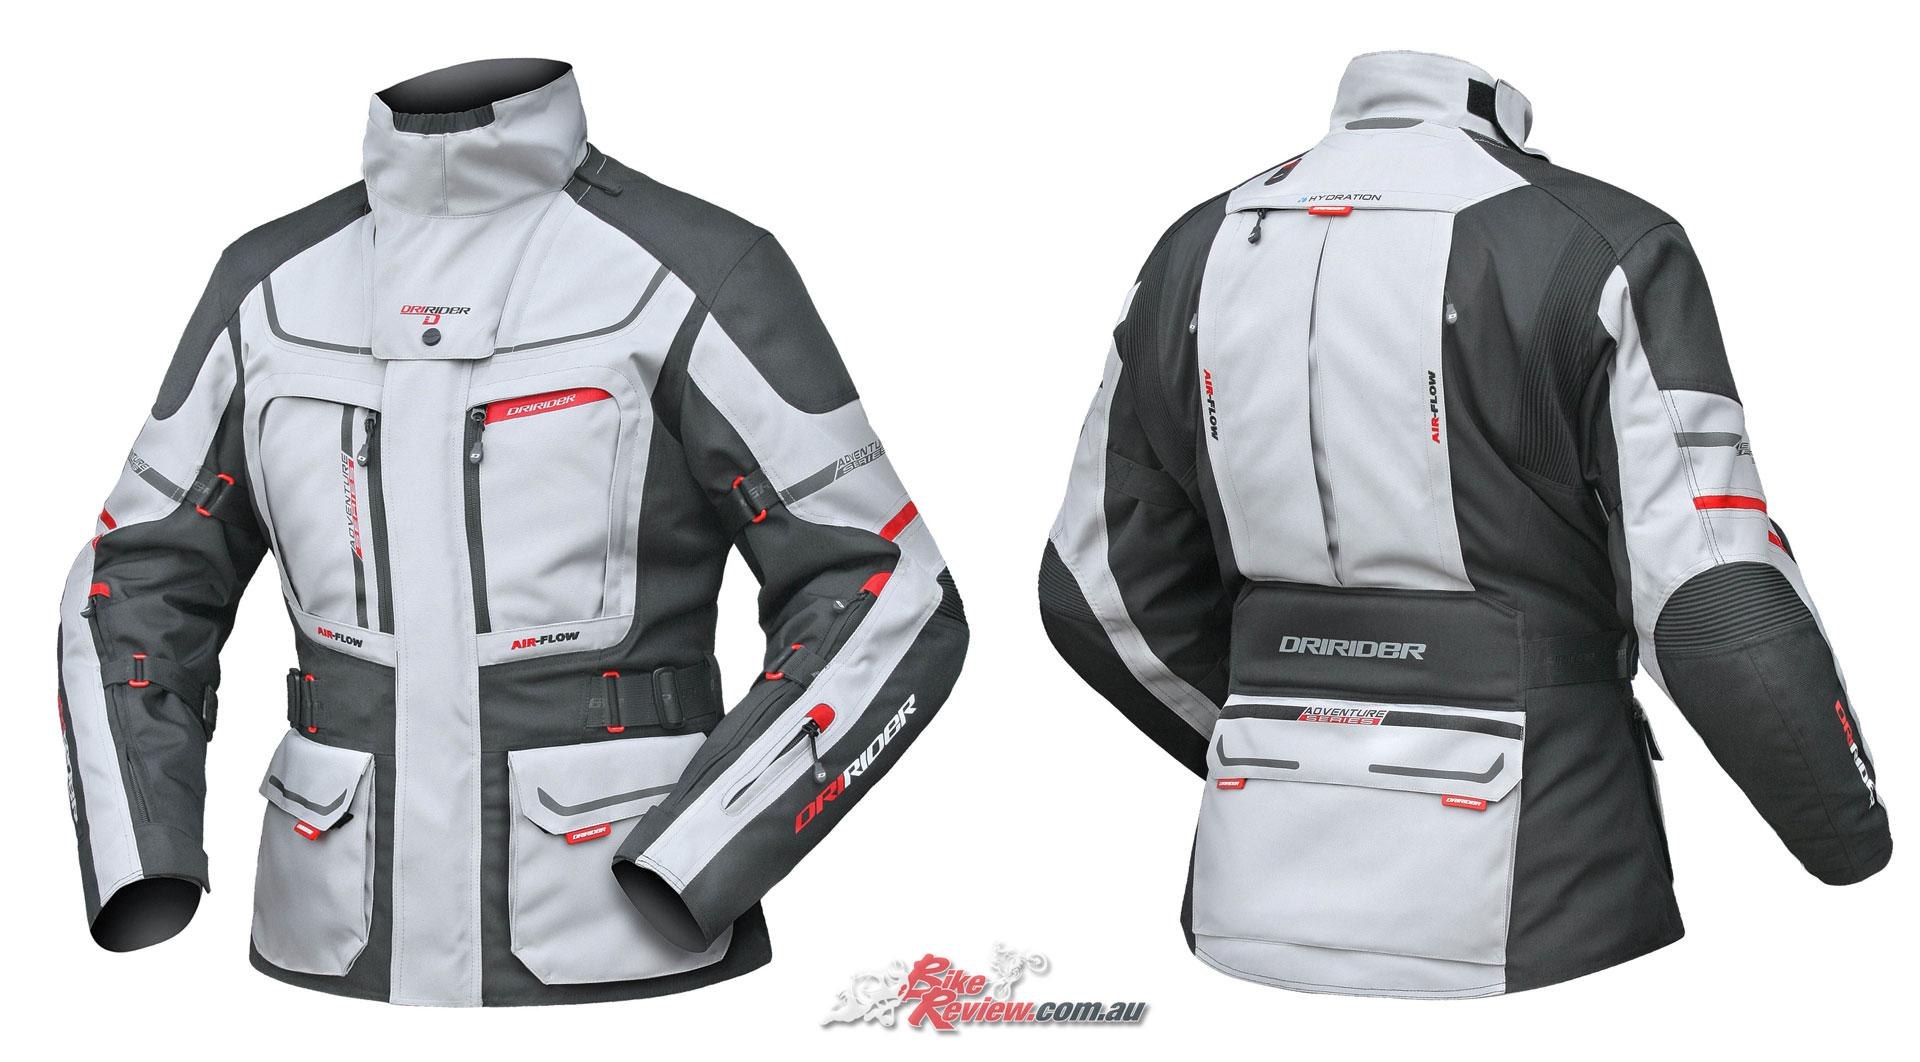 DriRider Vortex Adventure 2 Jacket (Ladies)